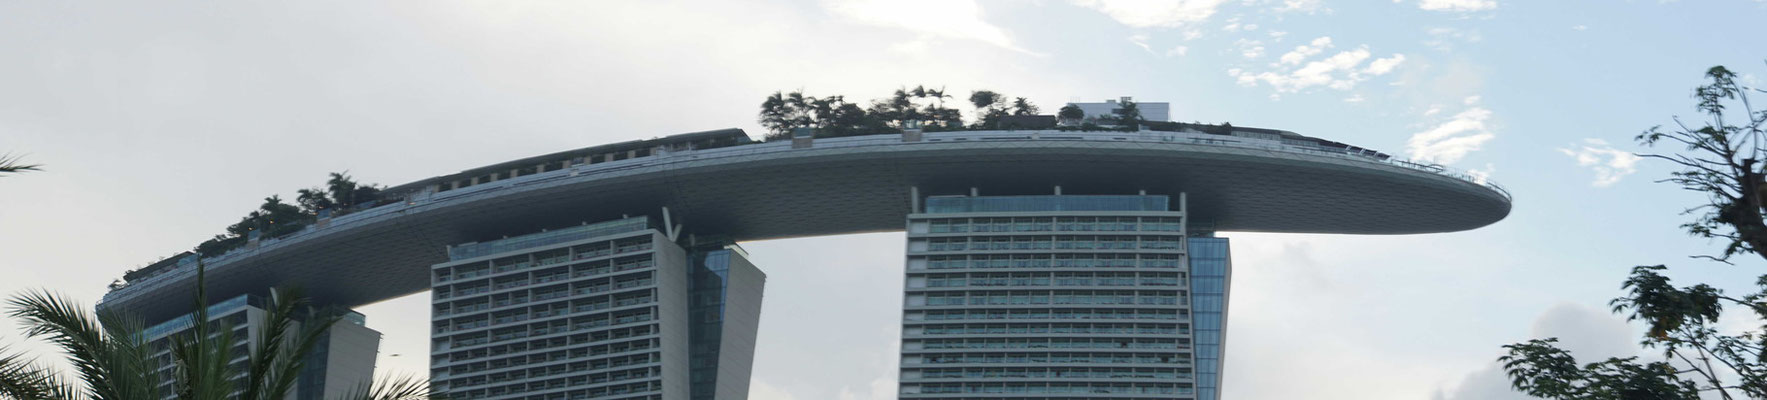 Einfach ein wunderbar eindrückliches Gebäude - auf dem Schiff (Dach) war ich bei meiner letzten Reise nach Singapur...